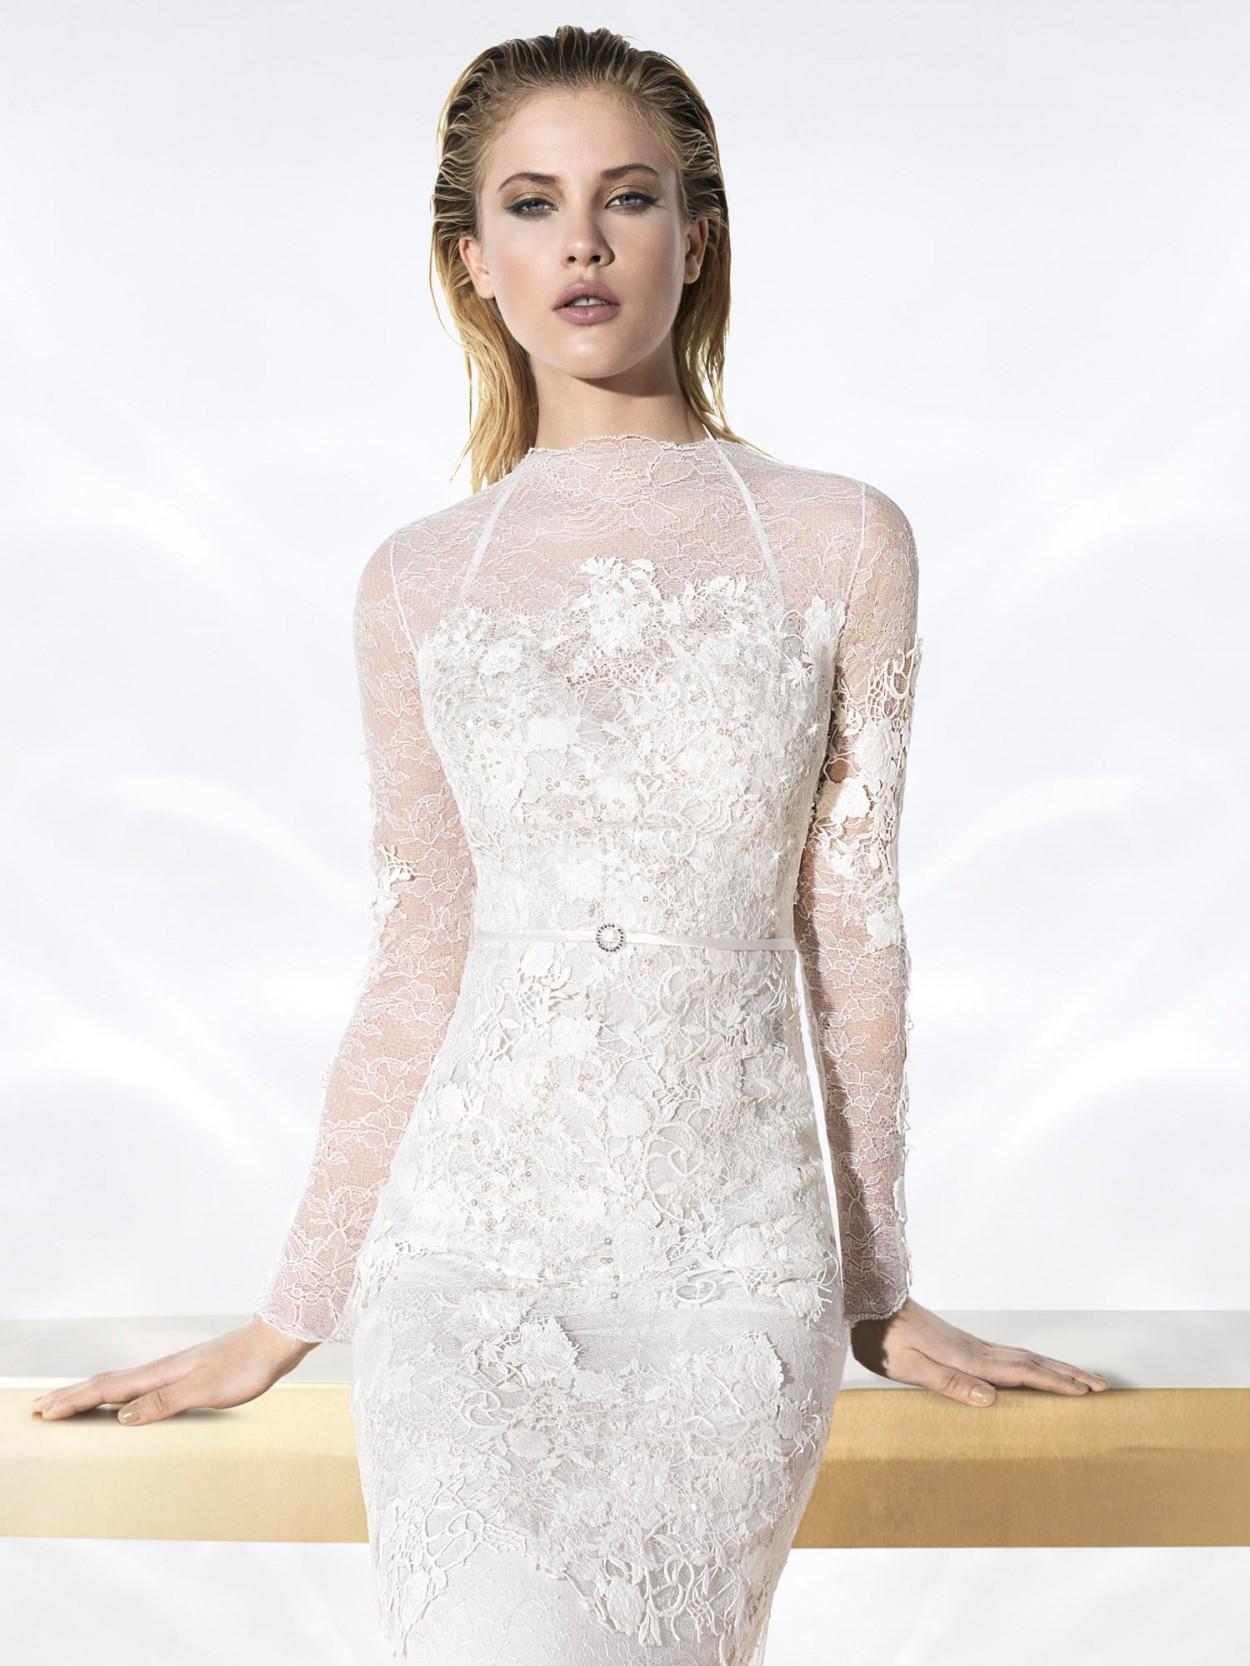 Кружево идеальный вариант для обтягивающего свадебного платья